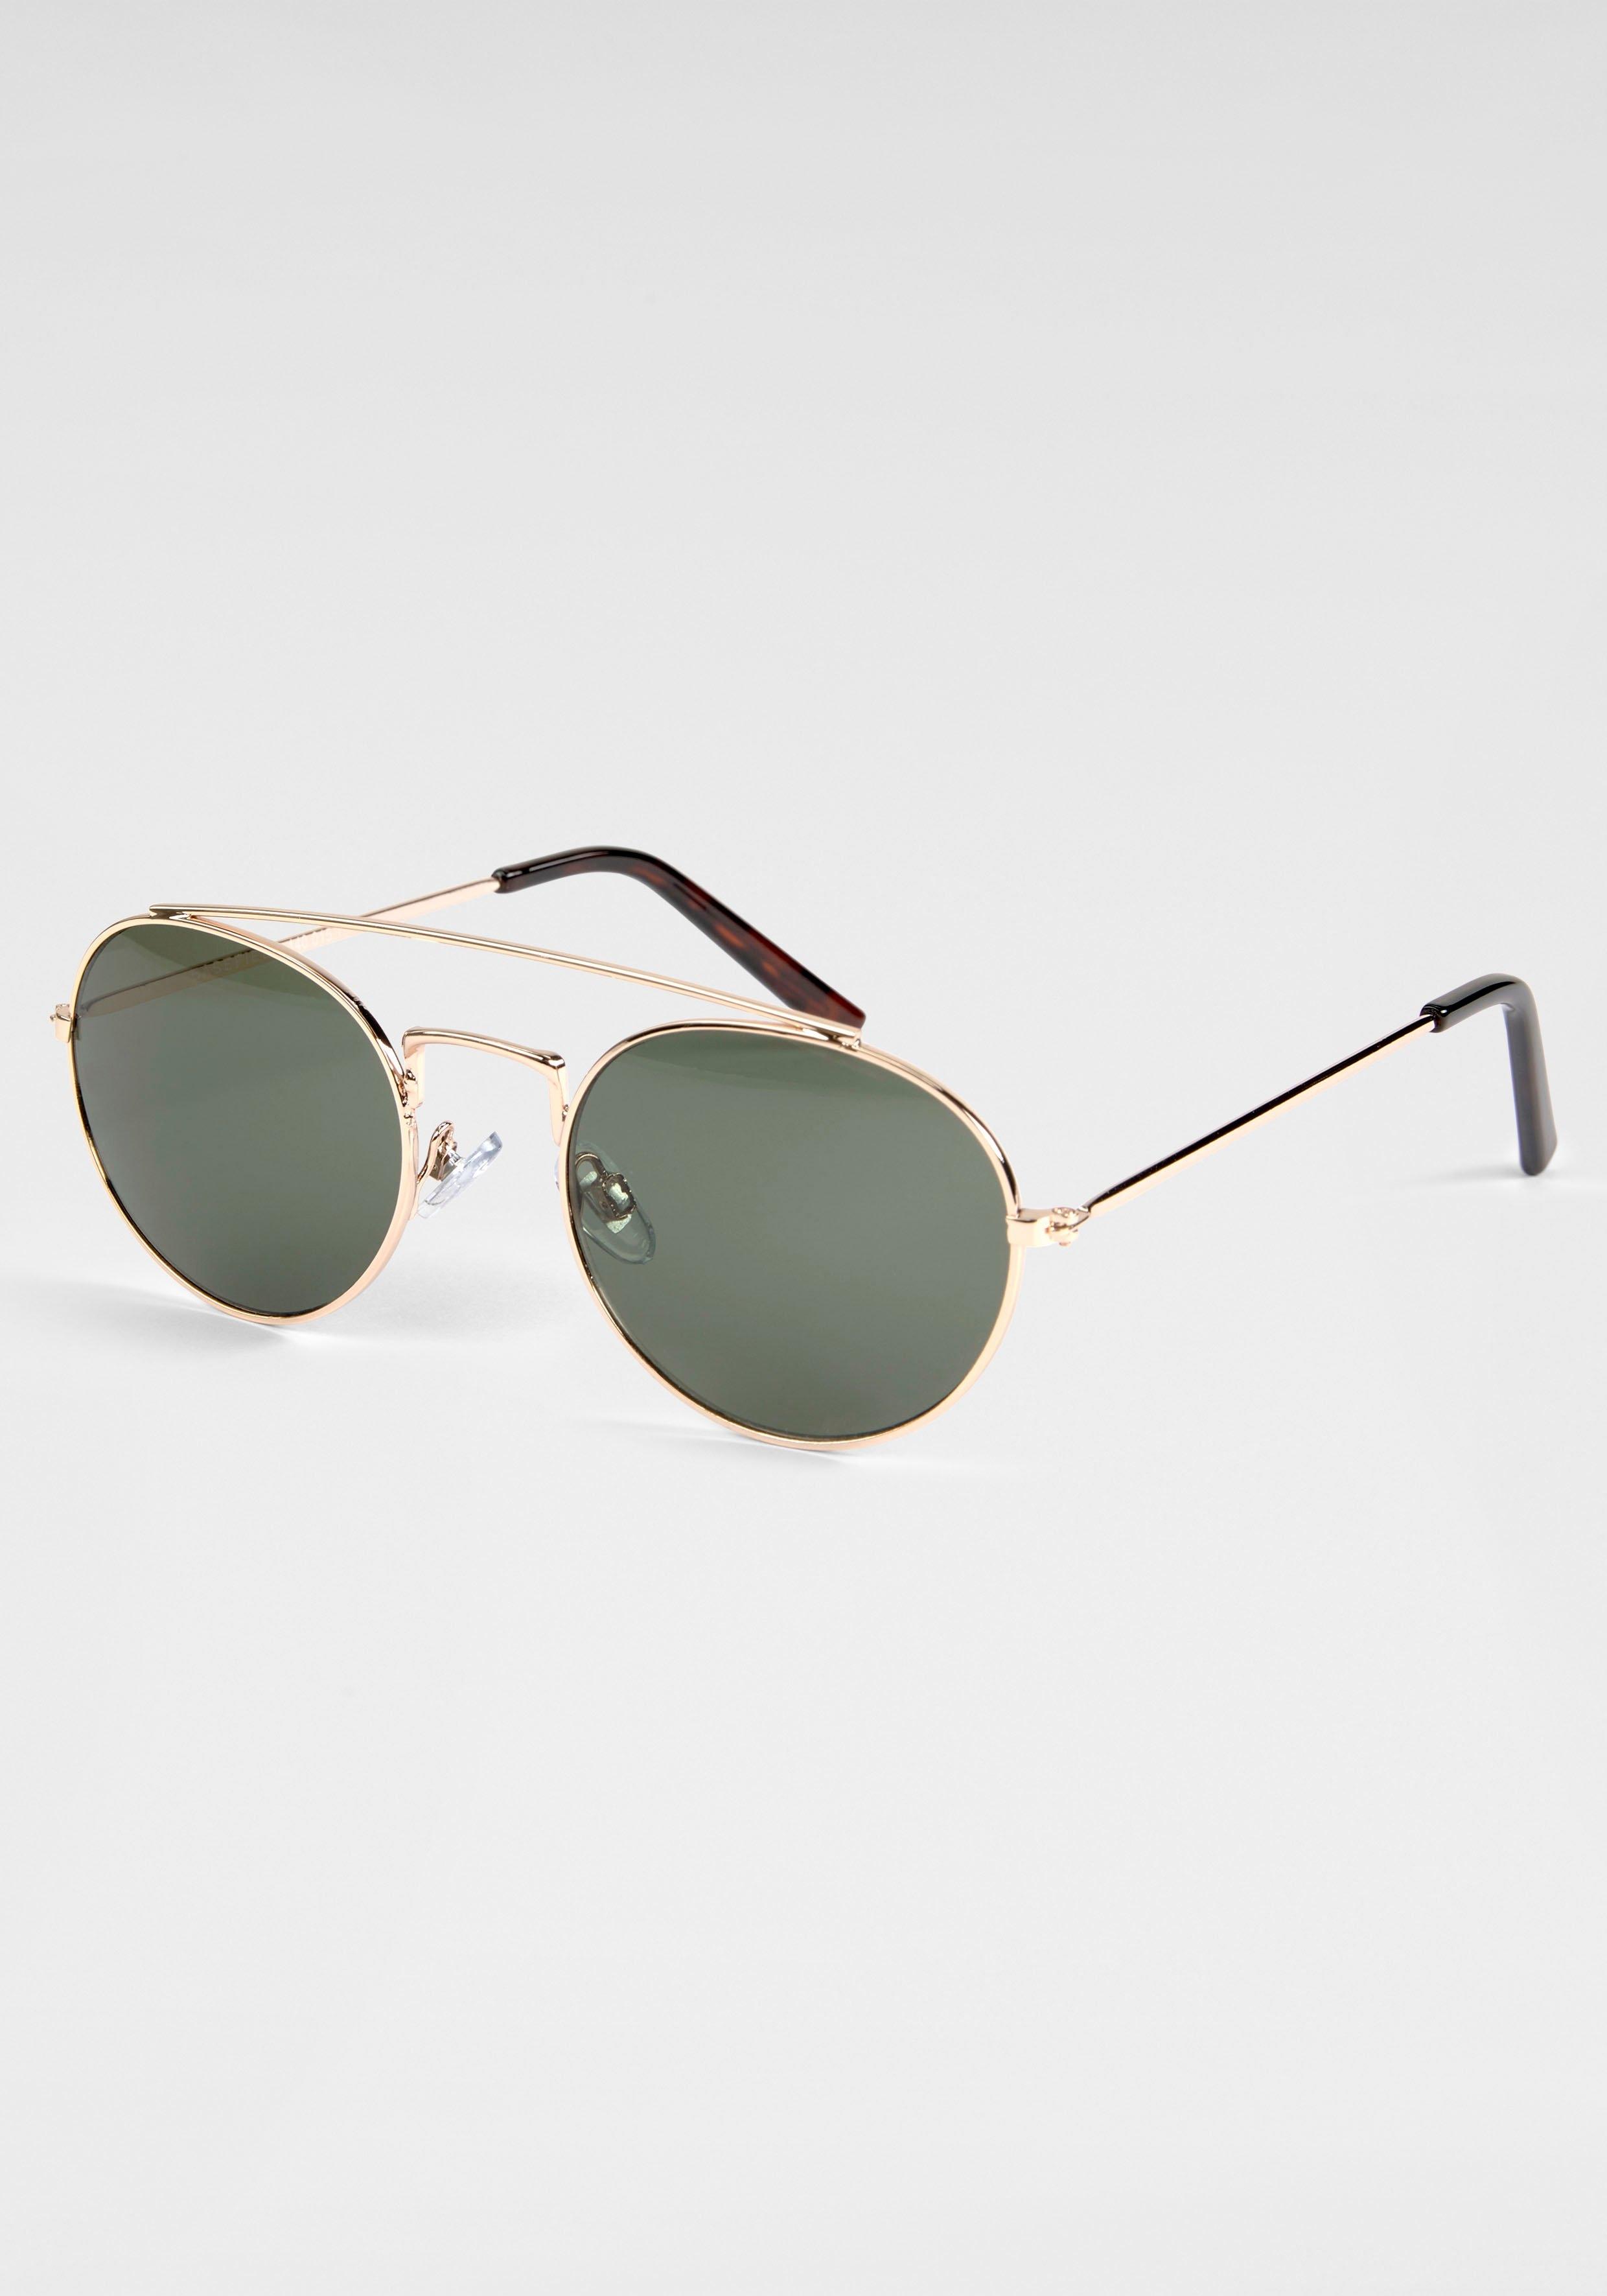 BASEFIELD zonnebril met goudkleurige rand bij OTTO online kopen